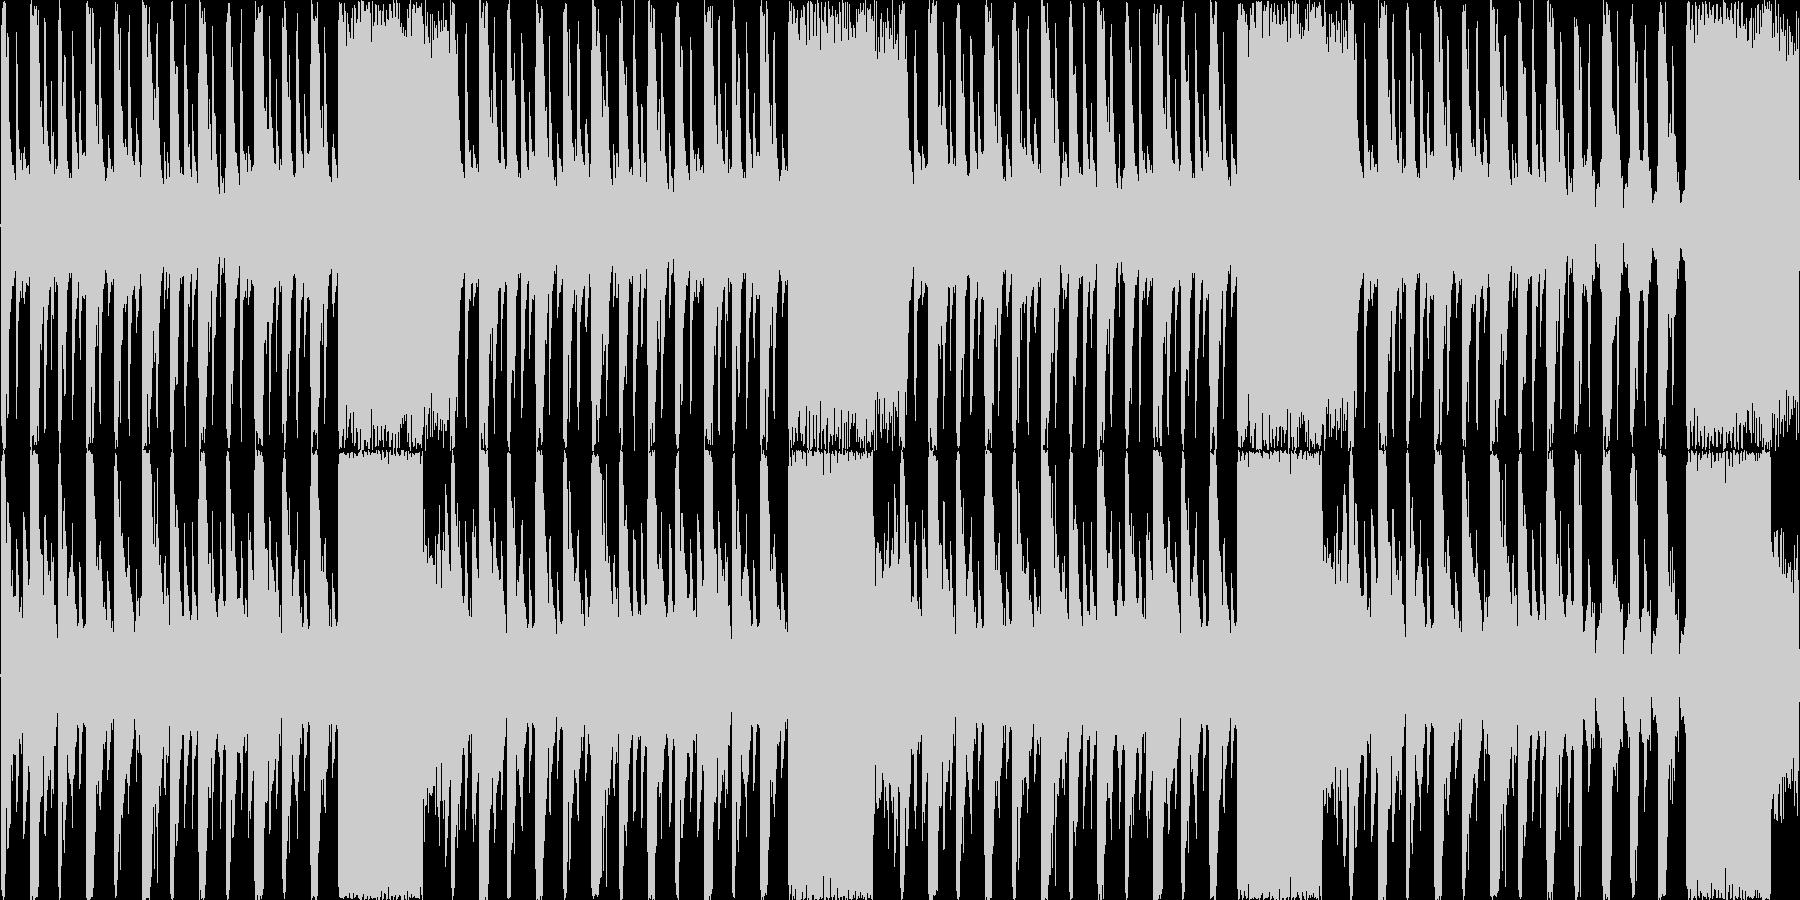 【シンセ/エレクトロニカ/TRAP】の未再生の波形